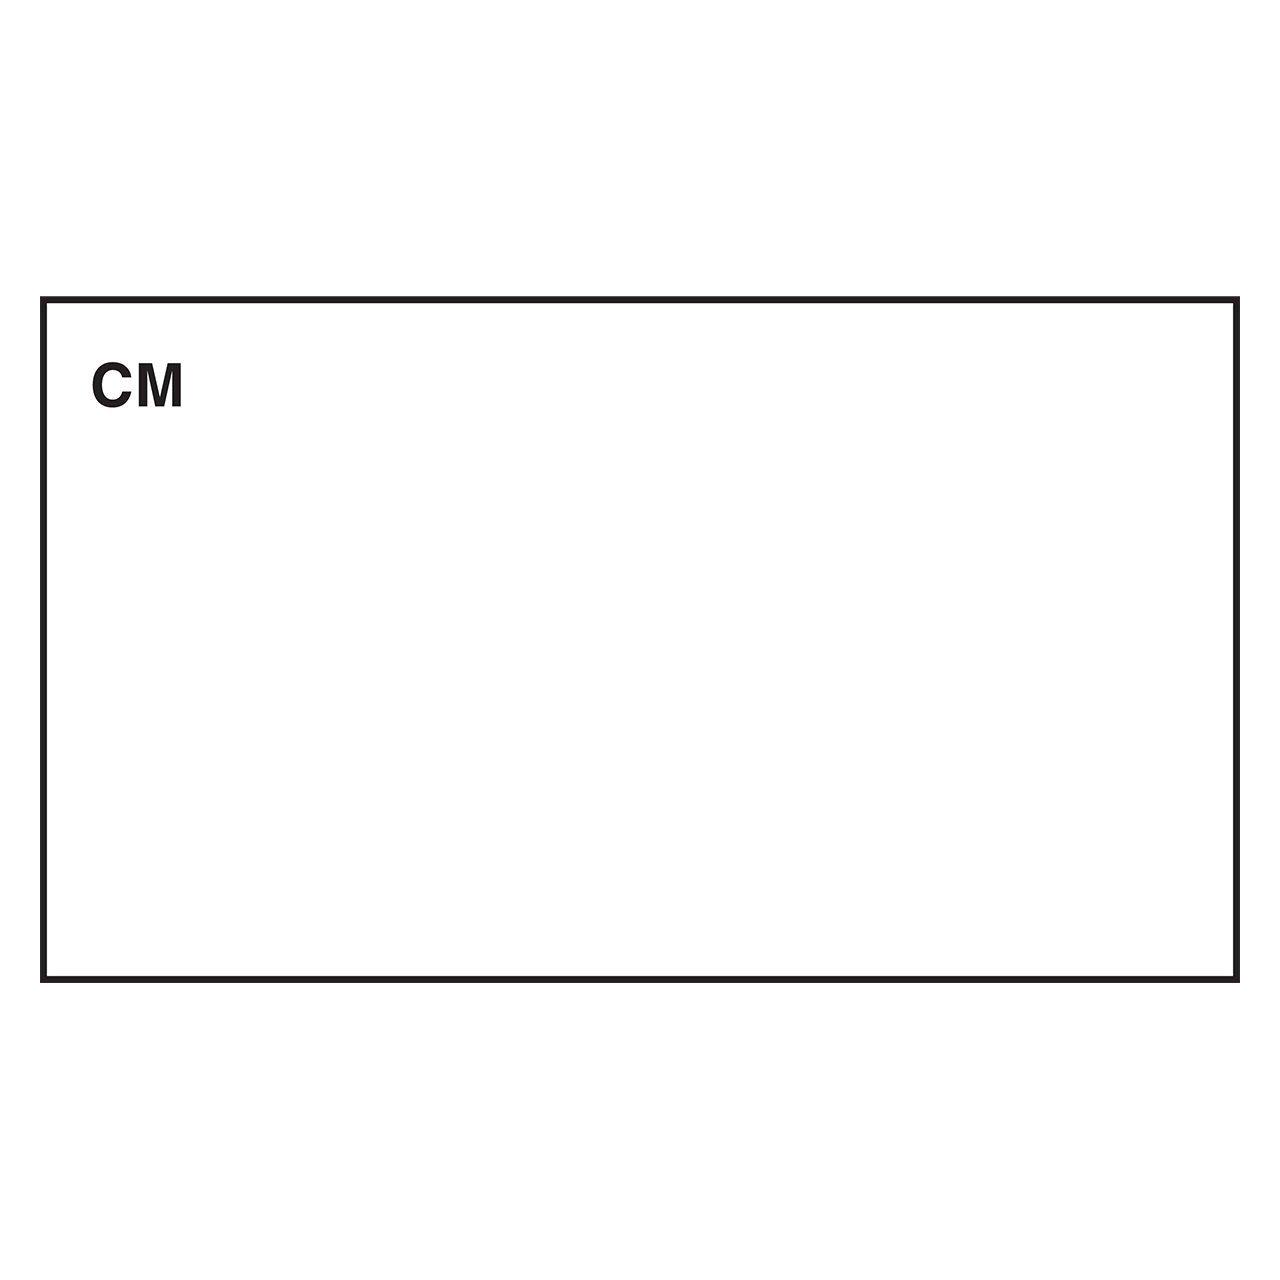 DayMark Date Coder Blank Freezable Label, for DM3 SpeedyMark 10 1-Line Marking Gun, White (8000 Lables)